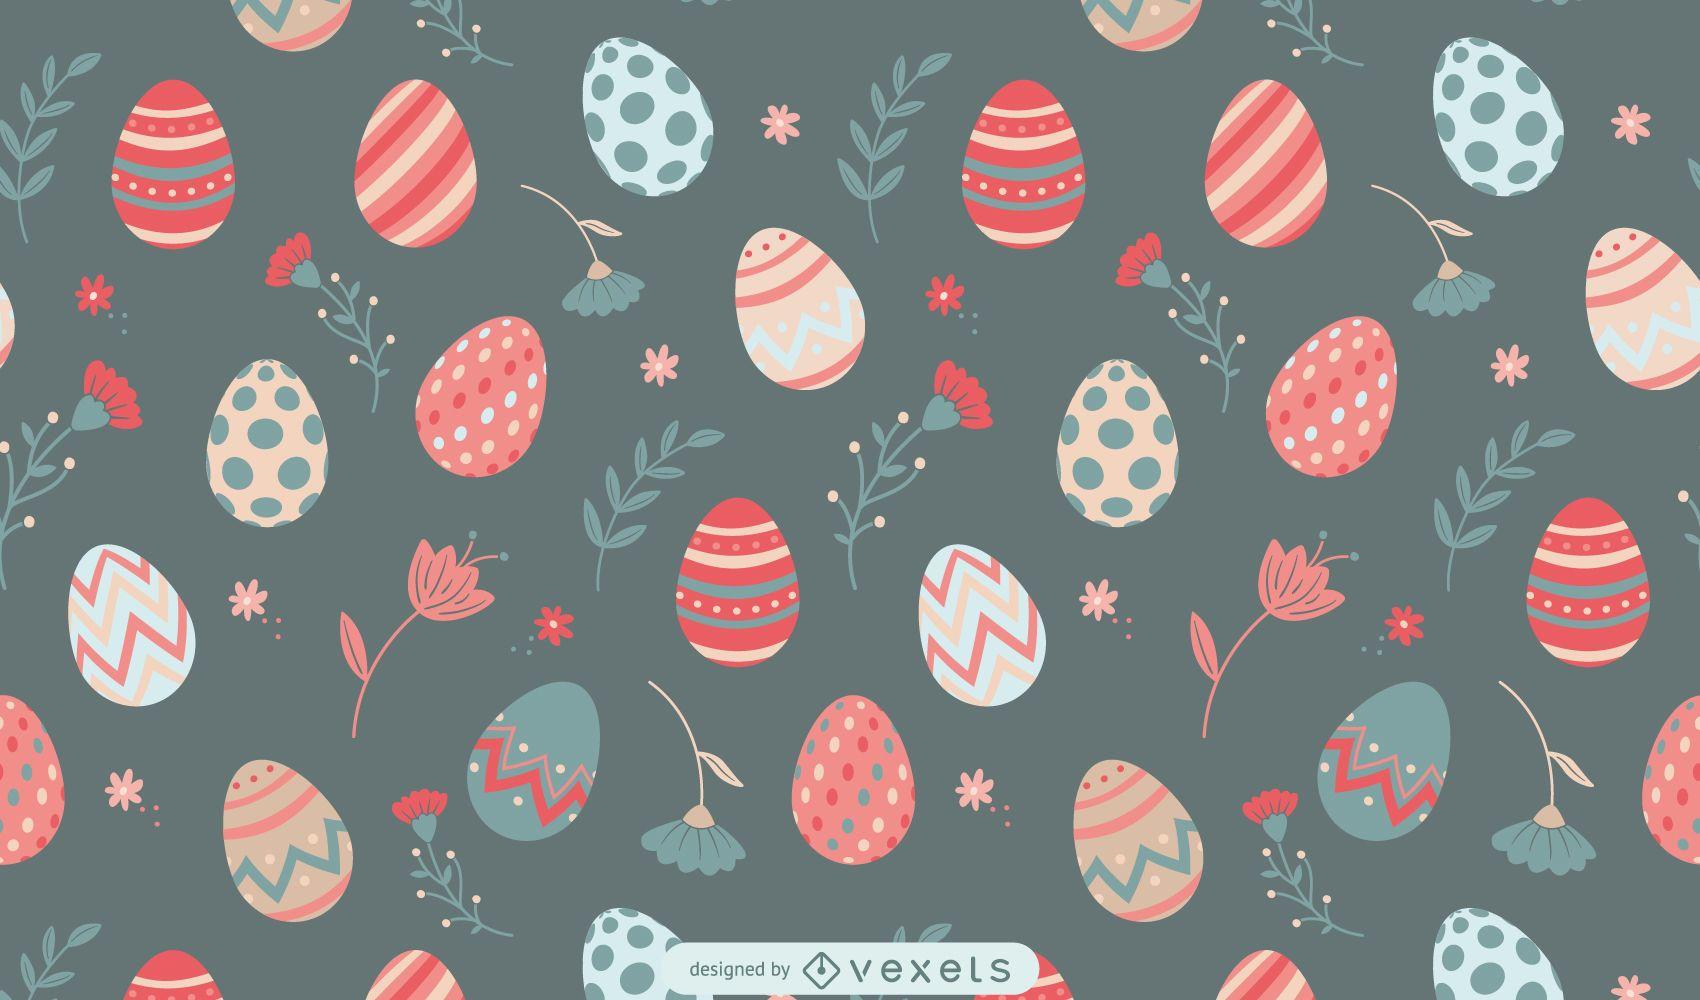 Diseño de patrón de flores y huevos de Pascua